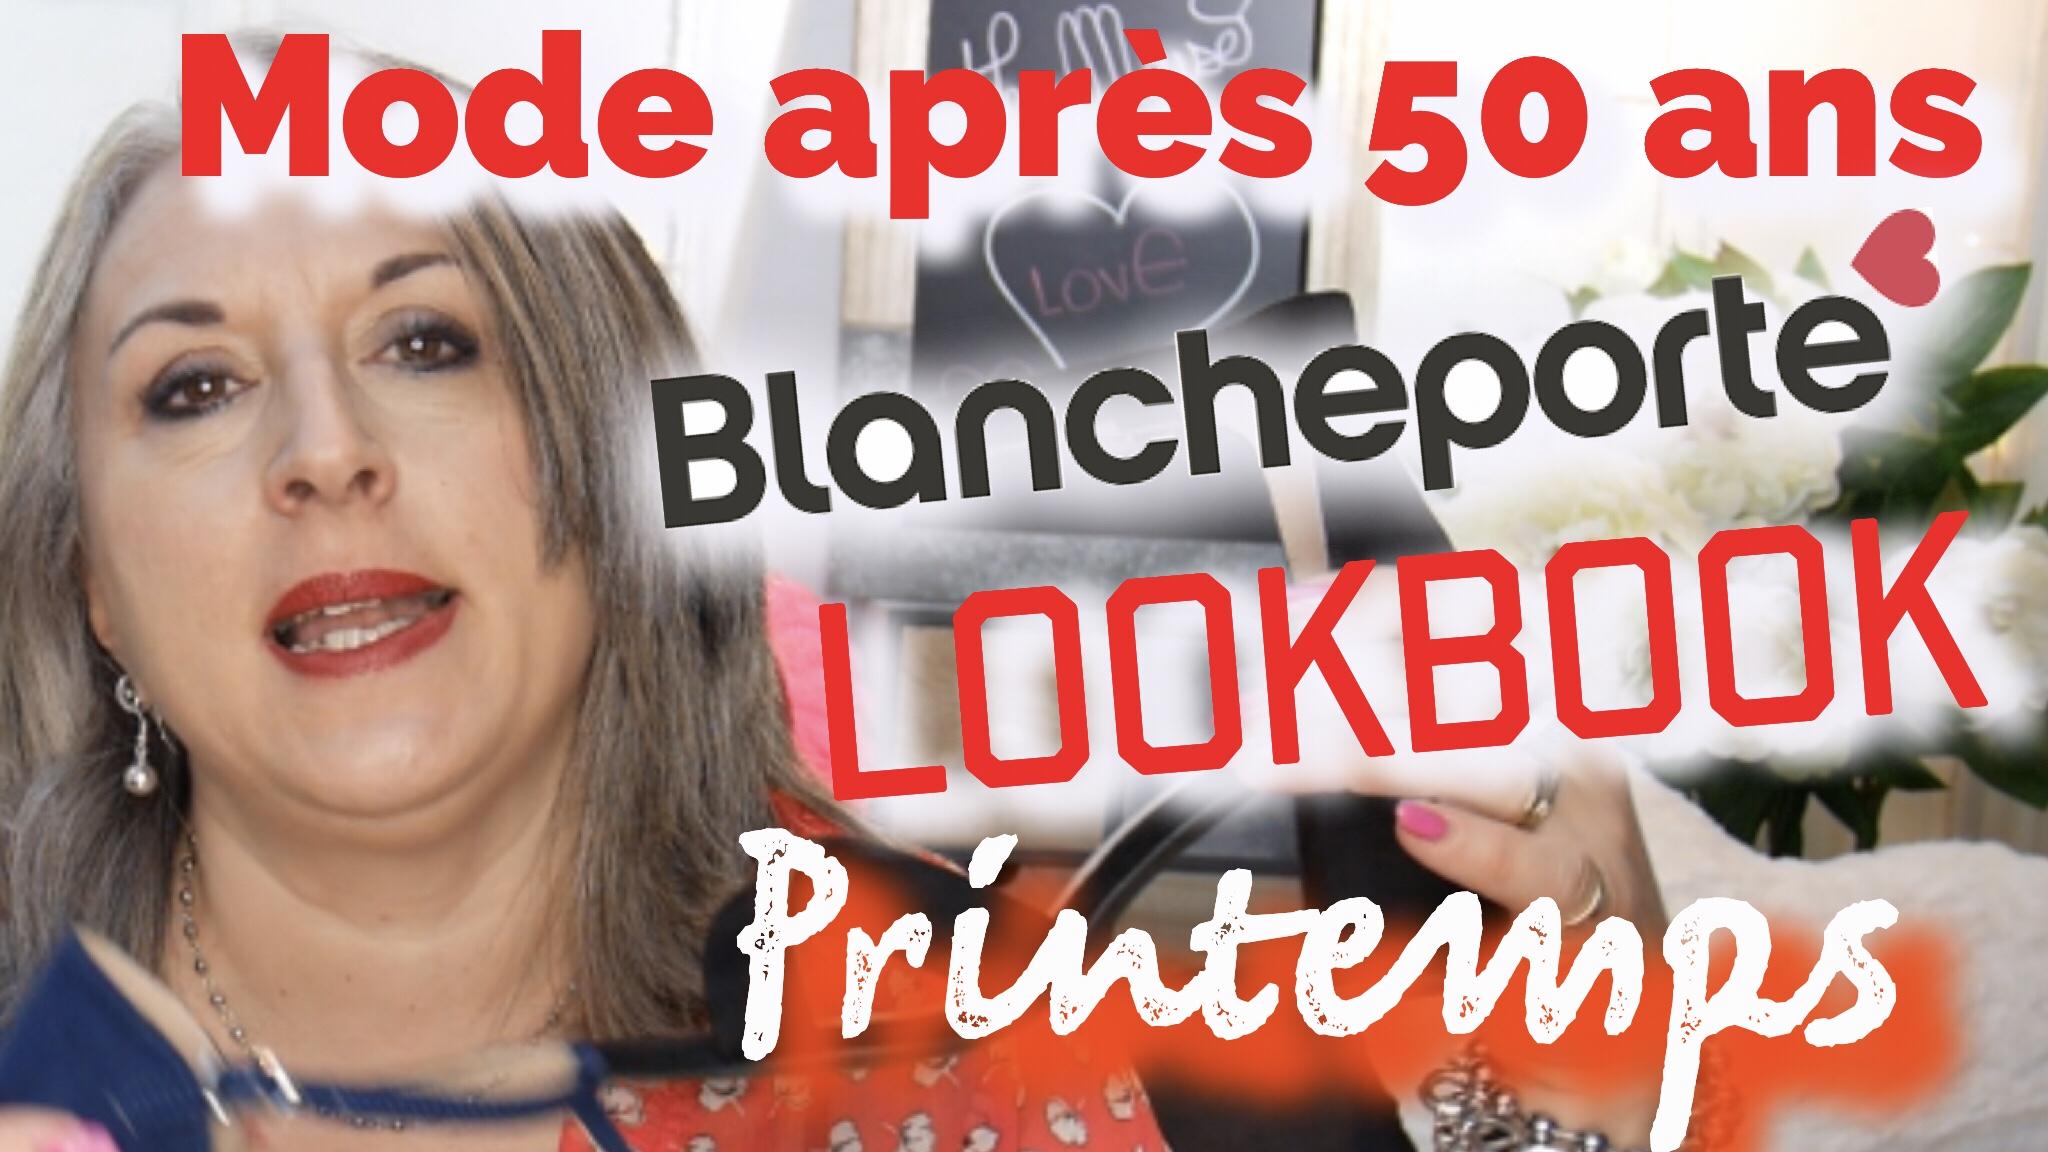 LOOKBOOK POUR LE PRINTEMPS AVEC BLANCHE PORTE